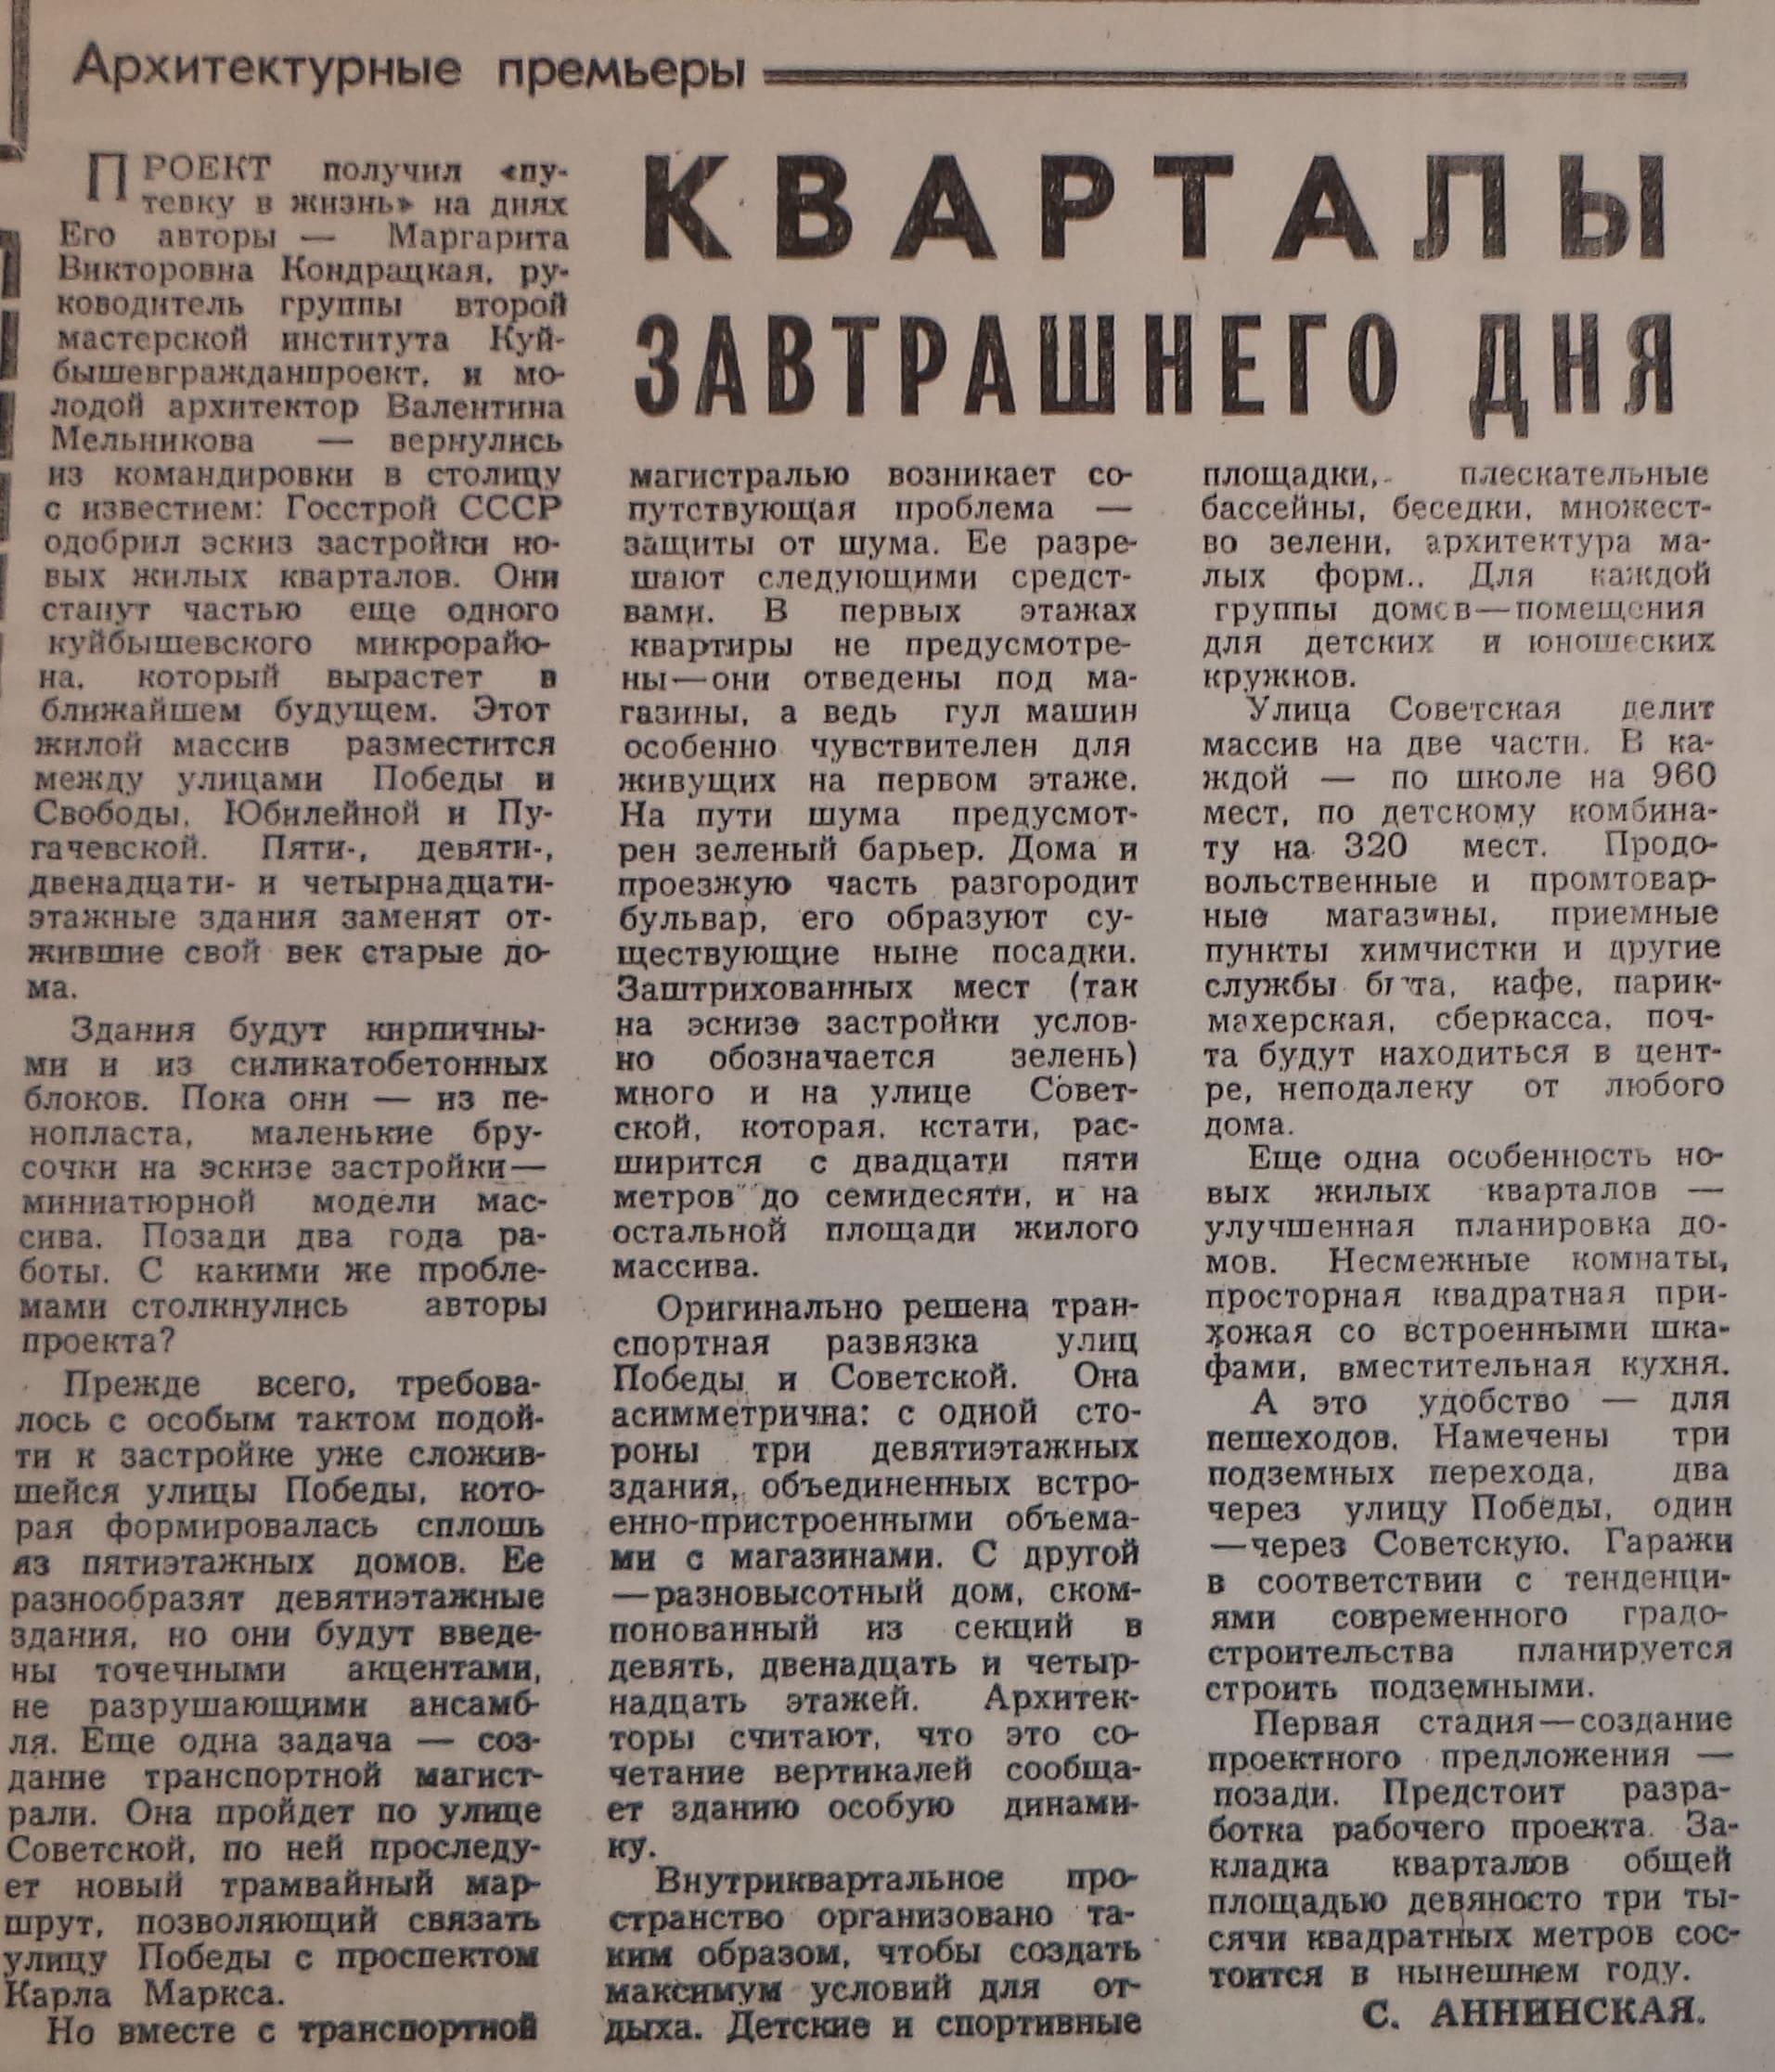 Советская-ФОТО-28-ВЗя-1976-09-20-о застройке Поб.-Сов.-min